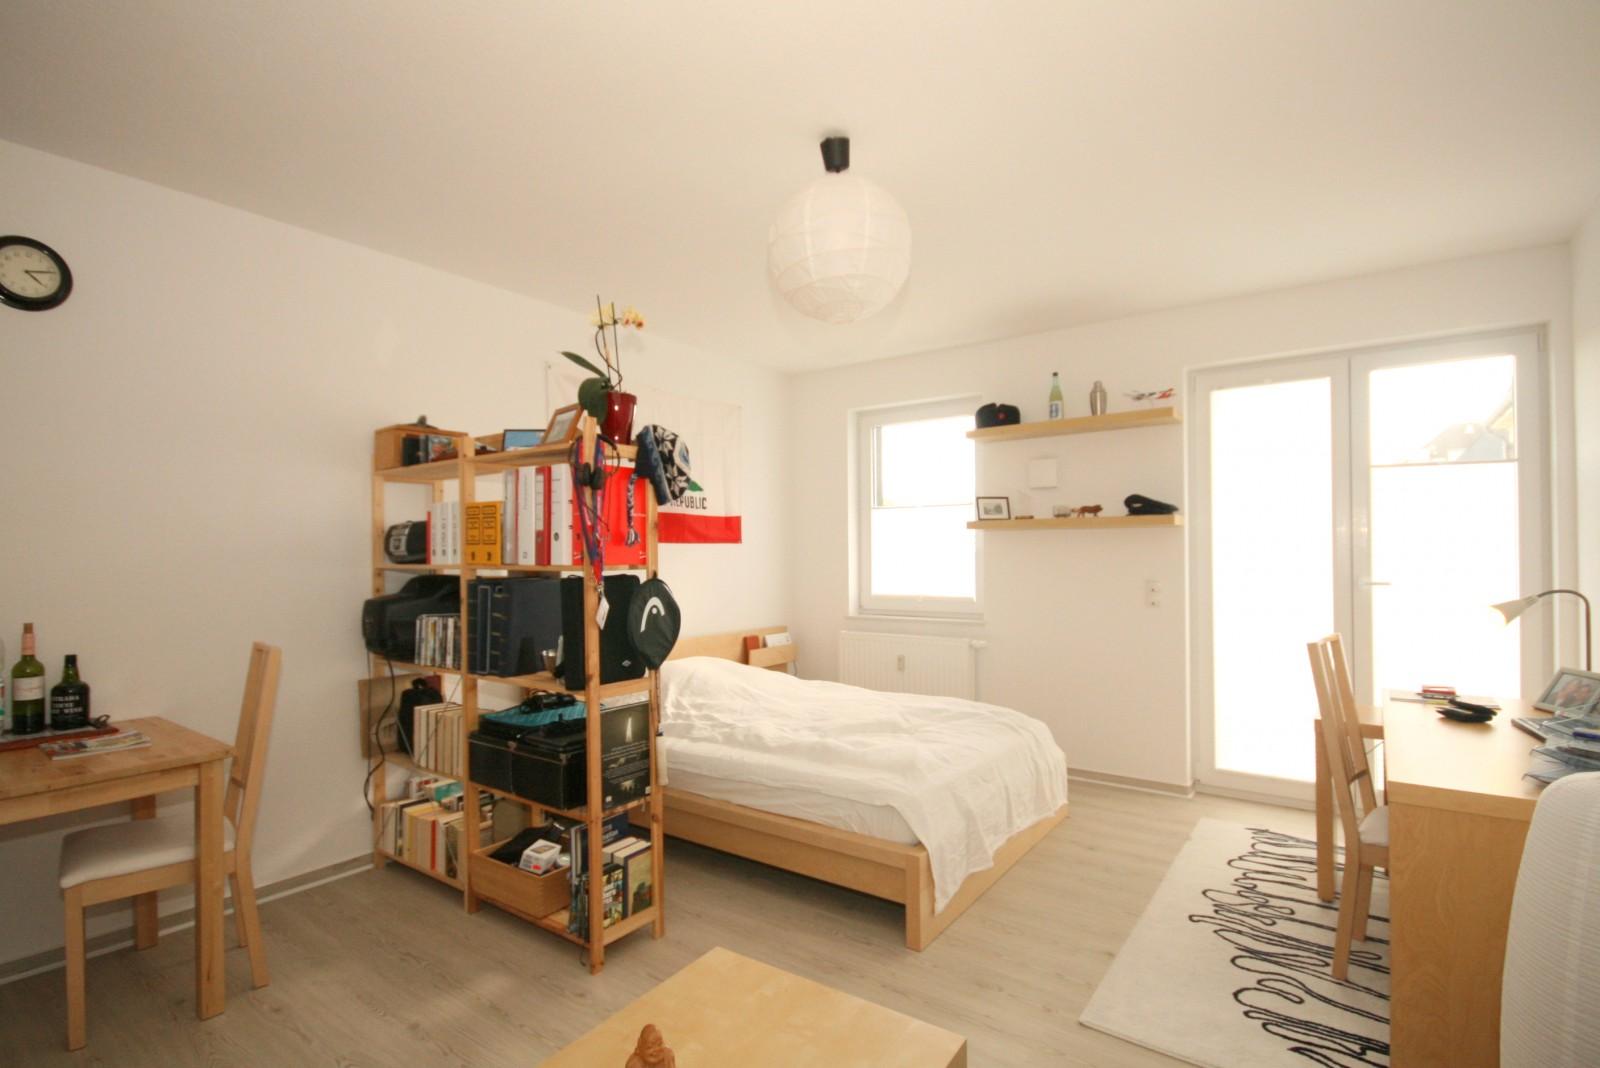 wohnglück auf 34 m². die erste eigene wohnung! | rolefs immobilien, Wohnzimmer dekoo